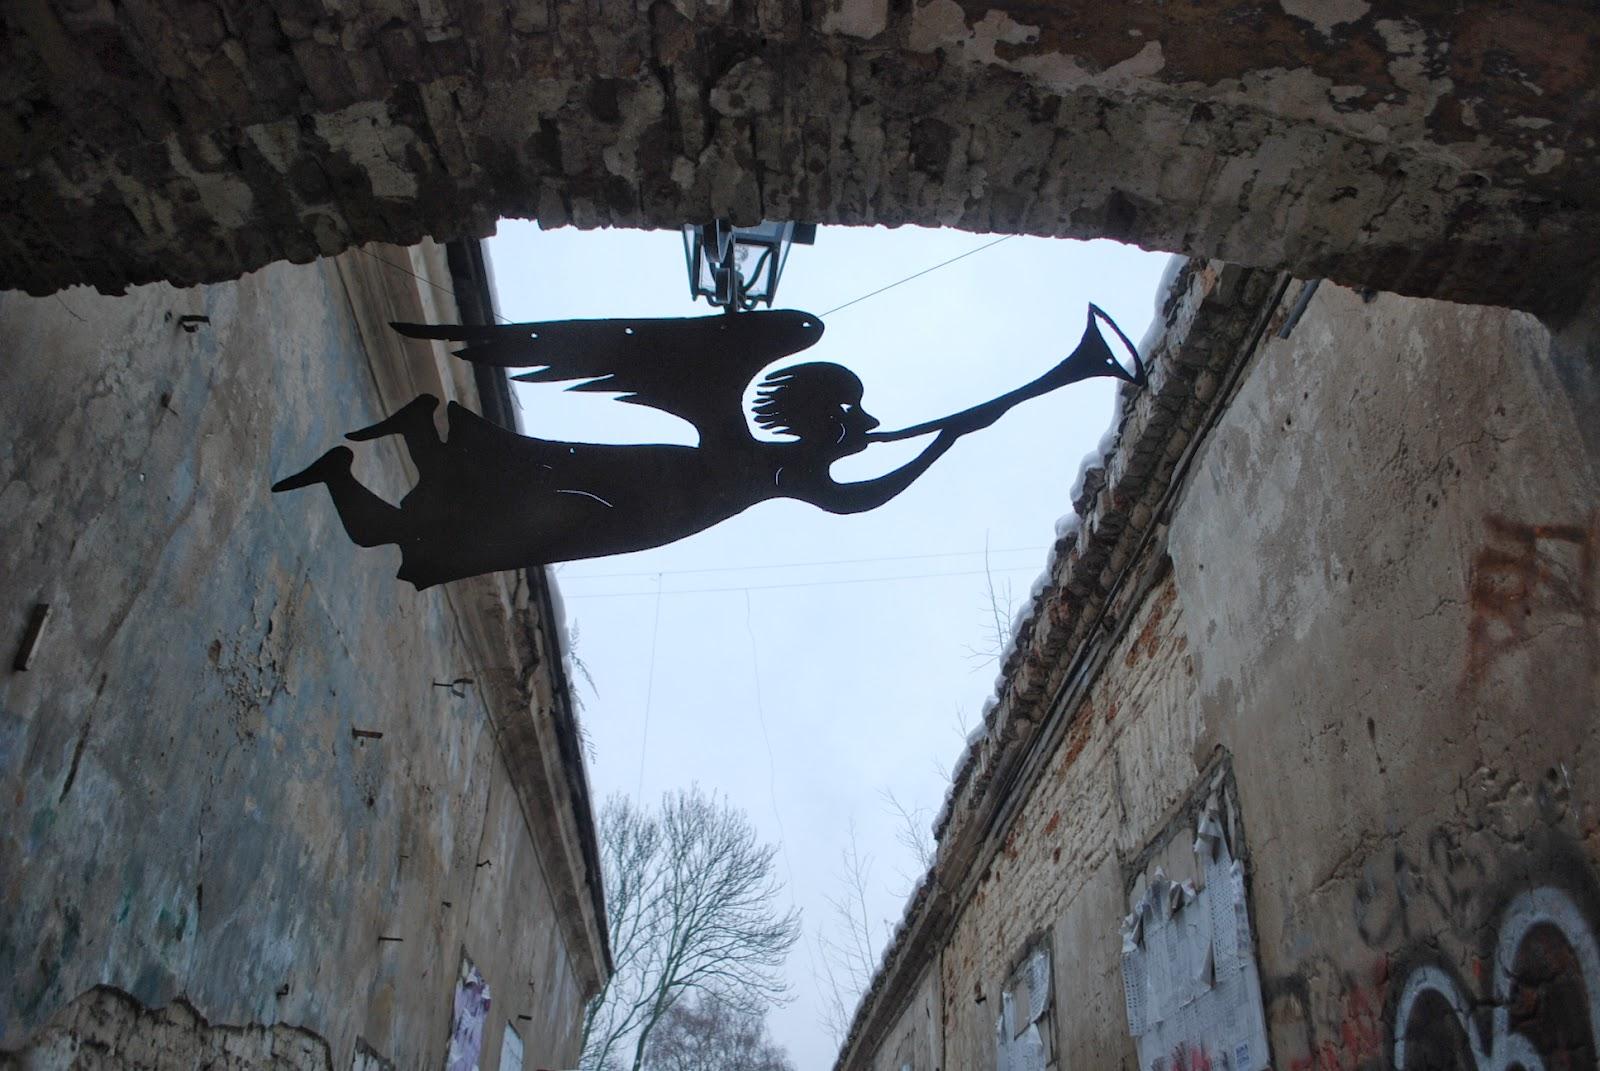 """Летящий Ангел Ужуписа у входа в переулок с запрятанной бутылкой"""". Ужупис, Вильнюс, Литва."""